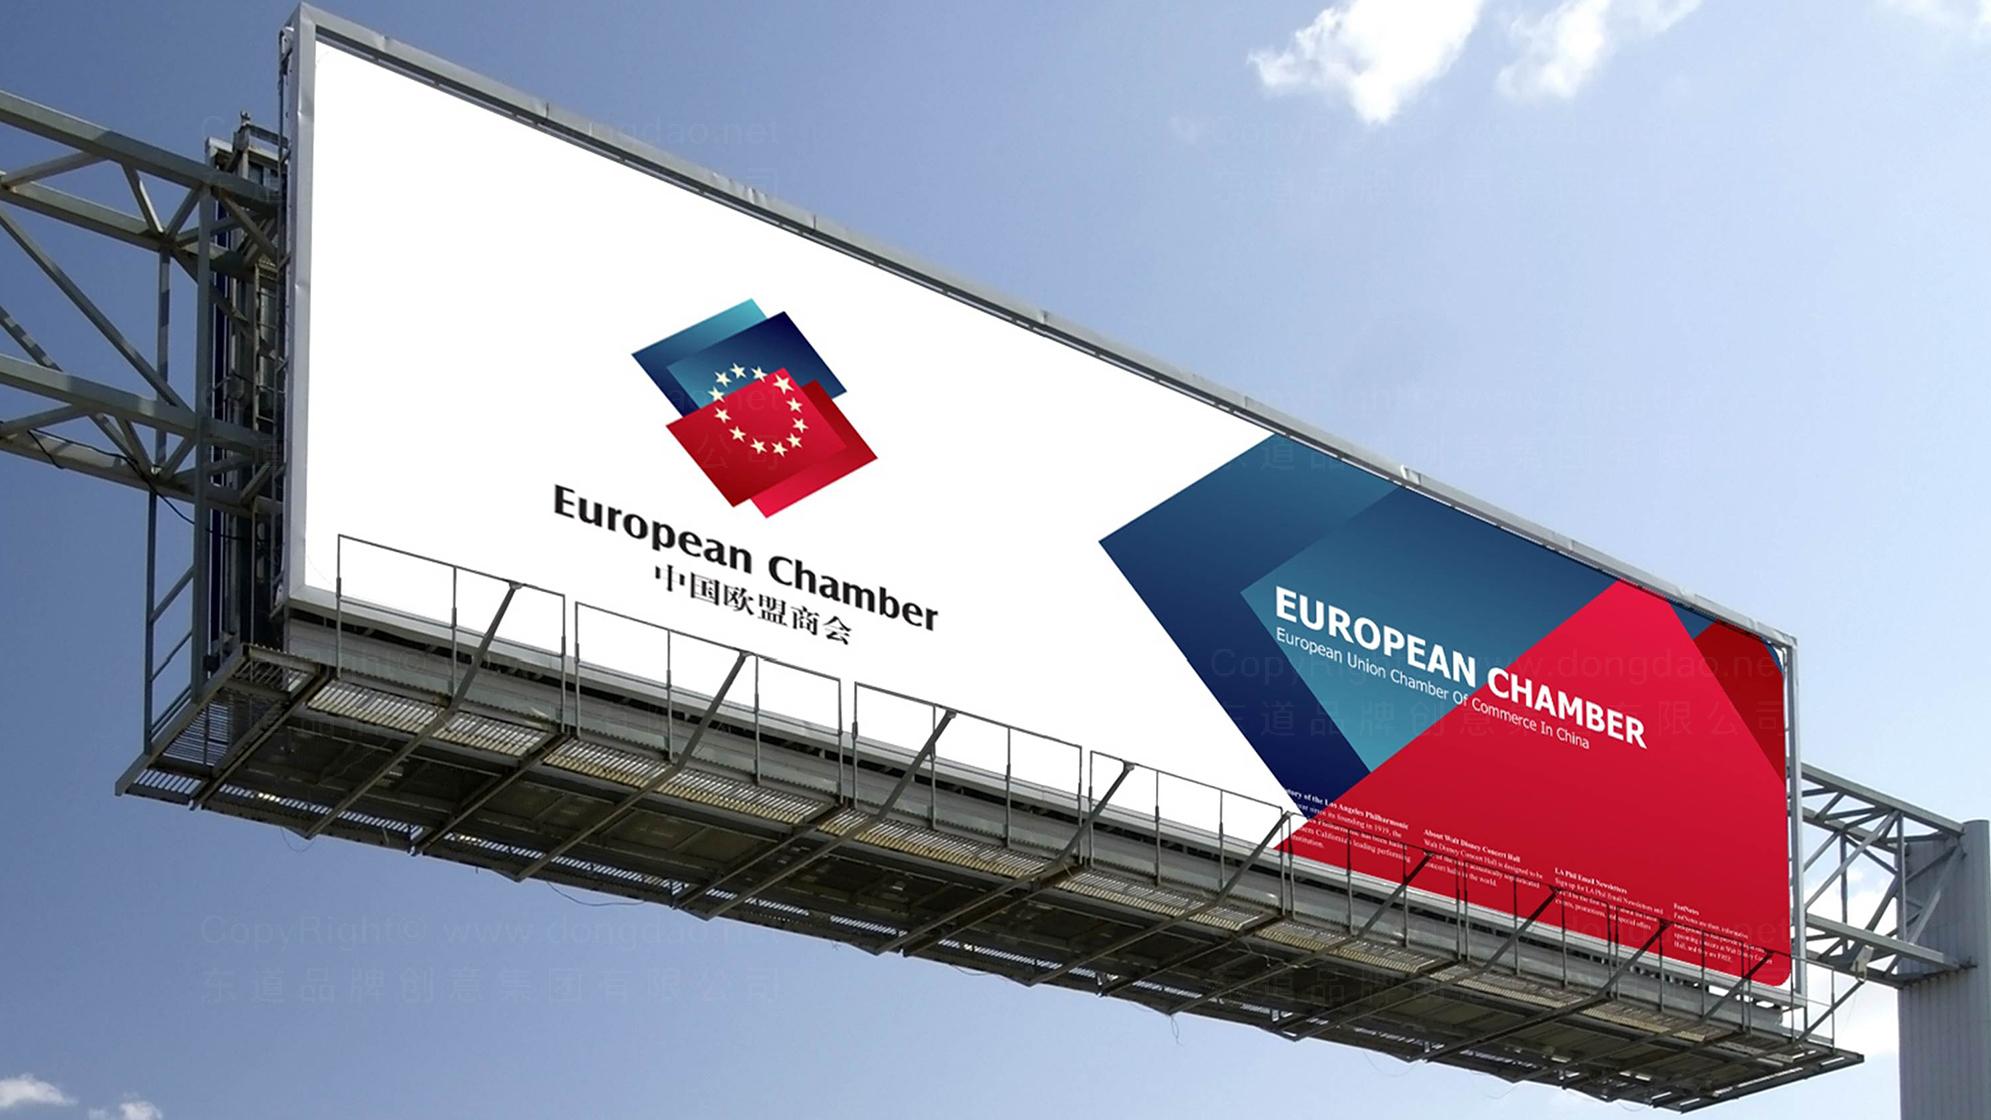 中国欧盟商会LOGO设计、VI设计应用场景_4